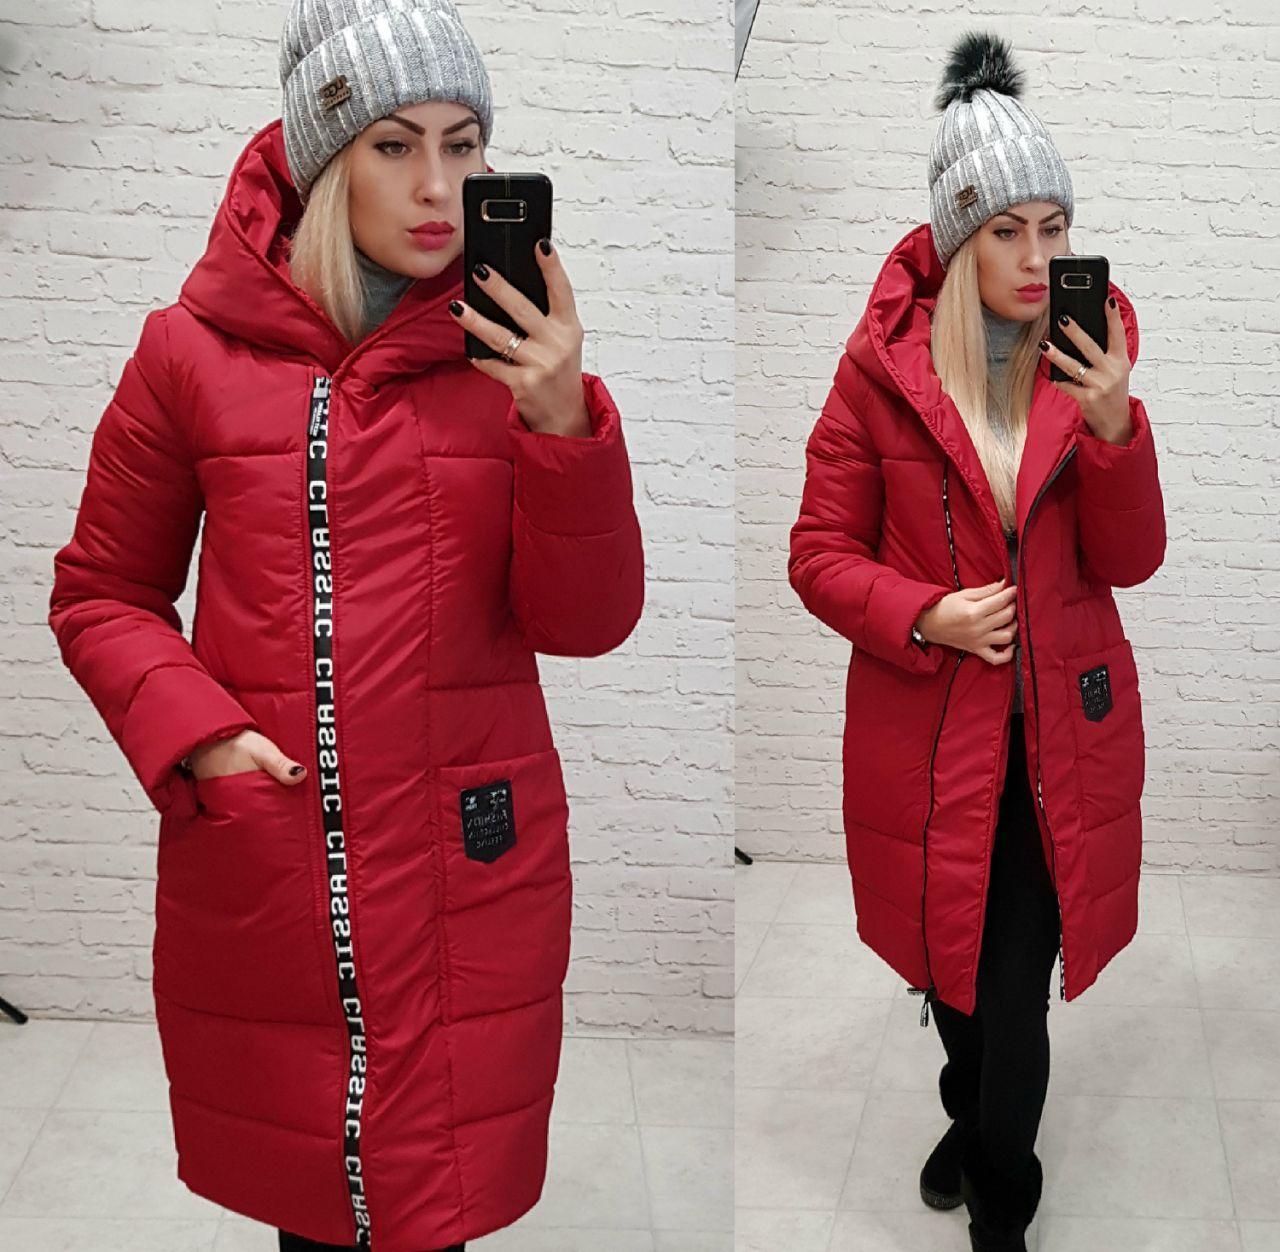 Куртка зимняя 2018/2019, модель 1003, цвет - красный